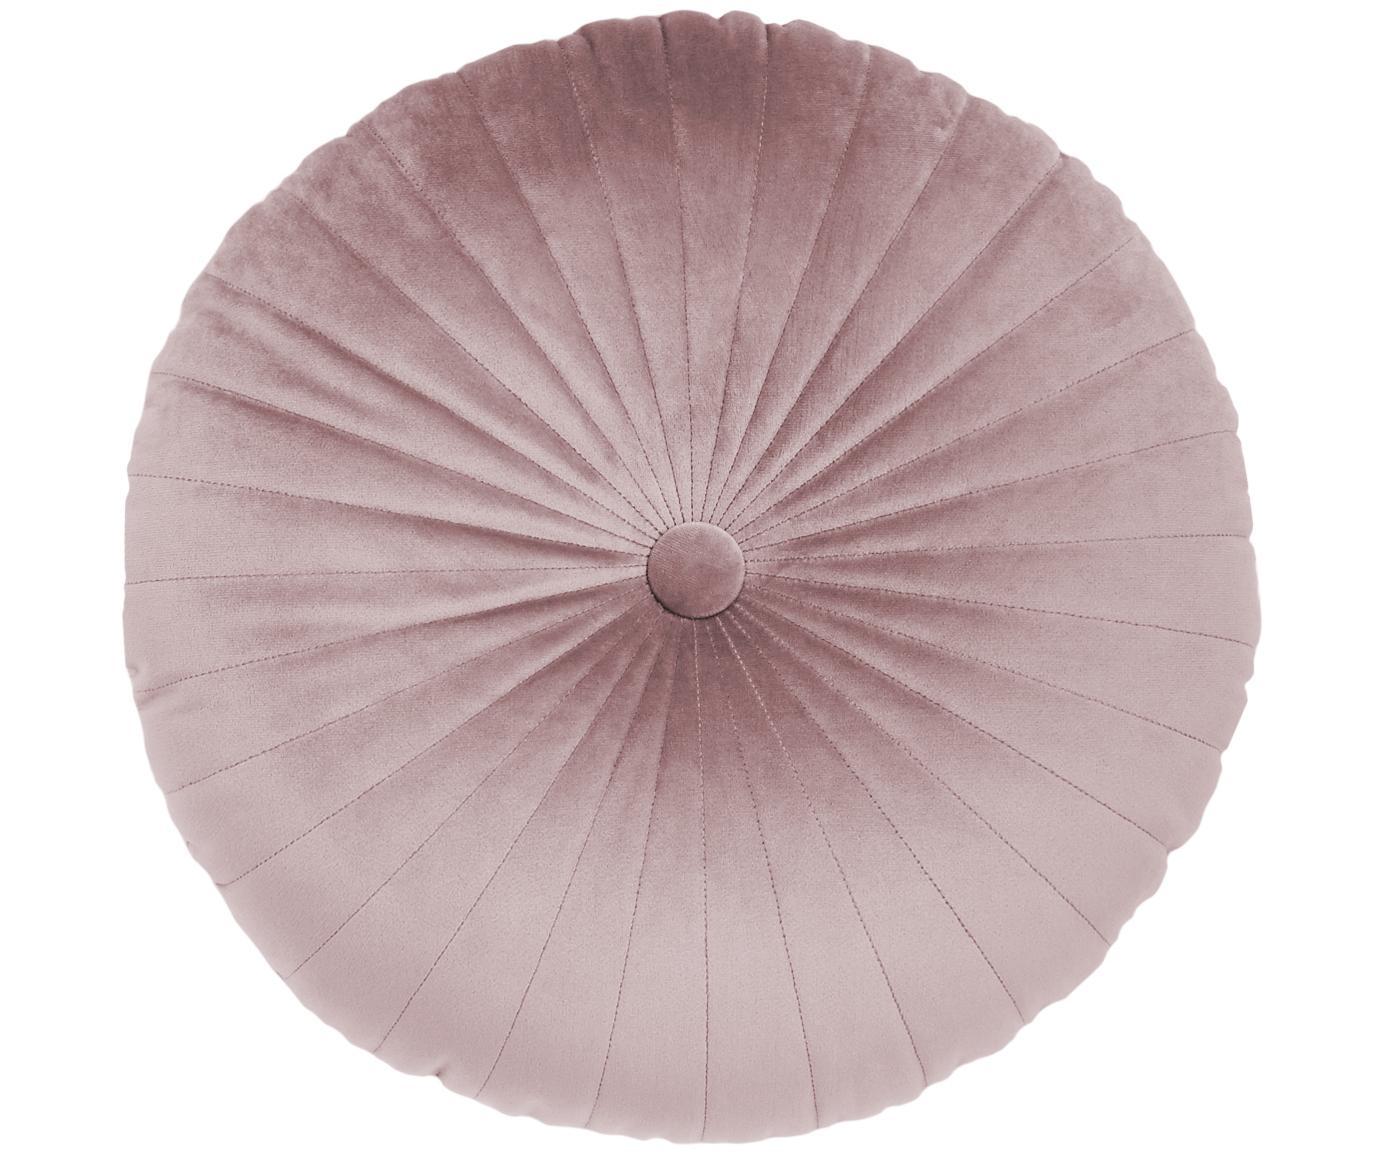 Cuscino in velluto lucido con imbottitura Monet, Rivestimento: 100% velluto di poliester, Rosa cipria, Ø 40 cm